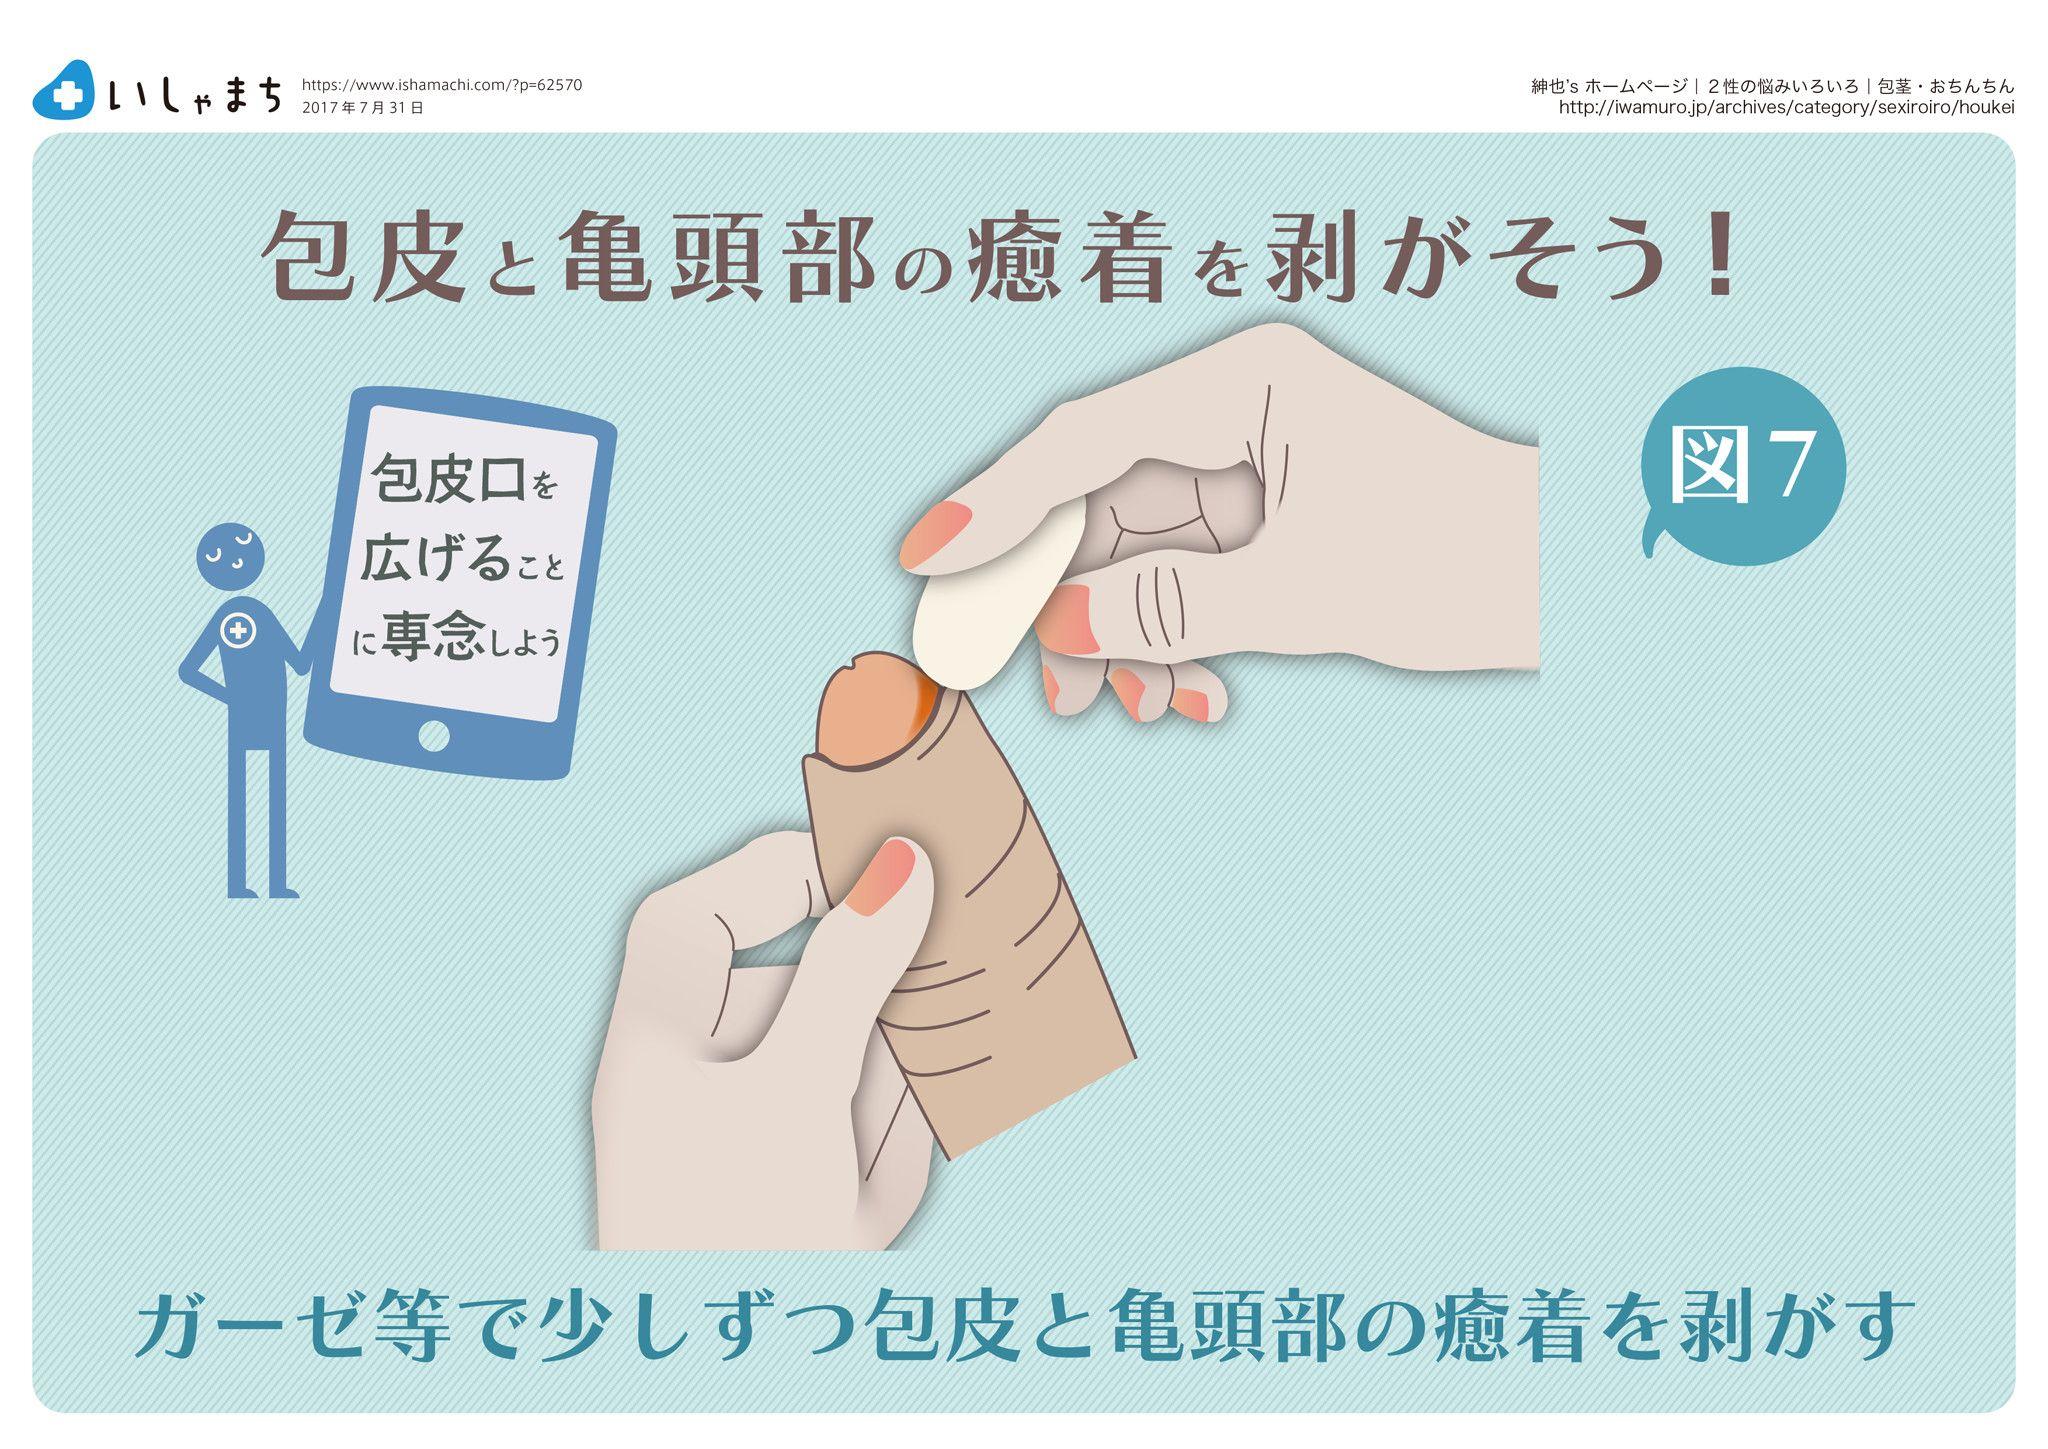 包皮と亀頭部の癒着を剥がそう Infographics 赤ちゃん教育 赤ちゃん 成長 包皮